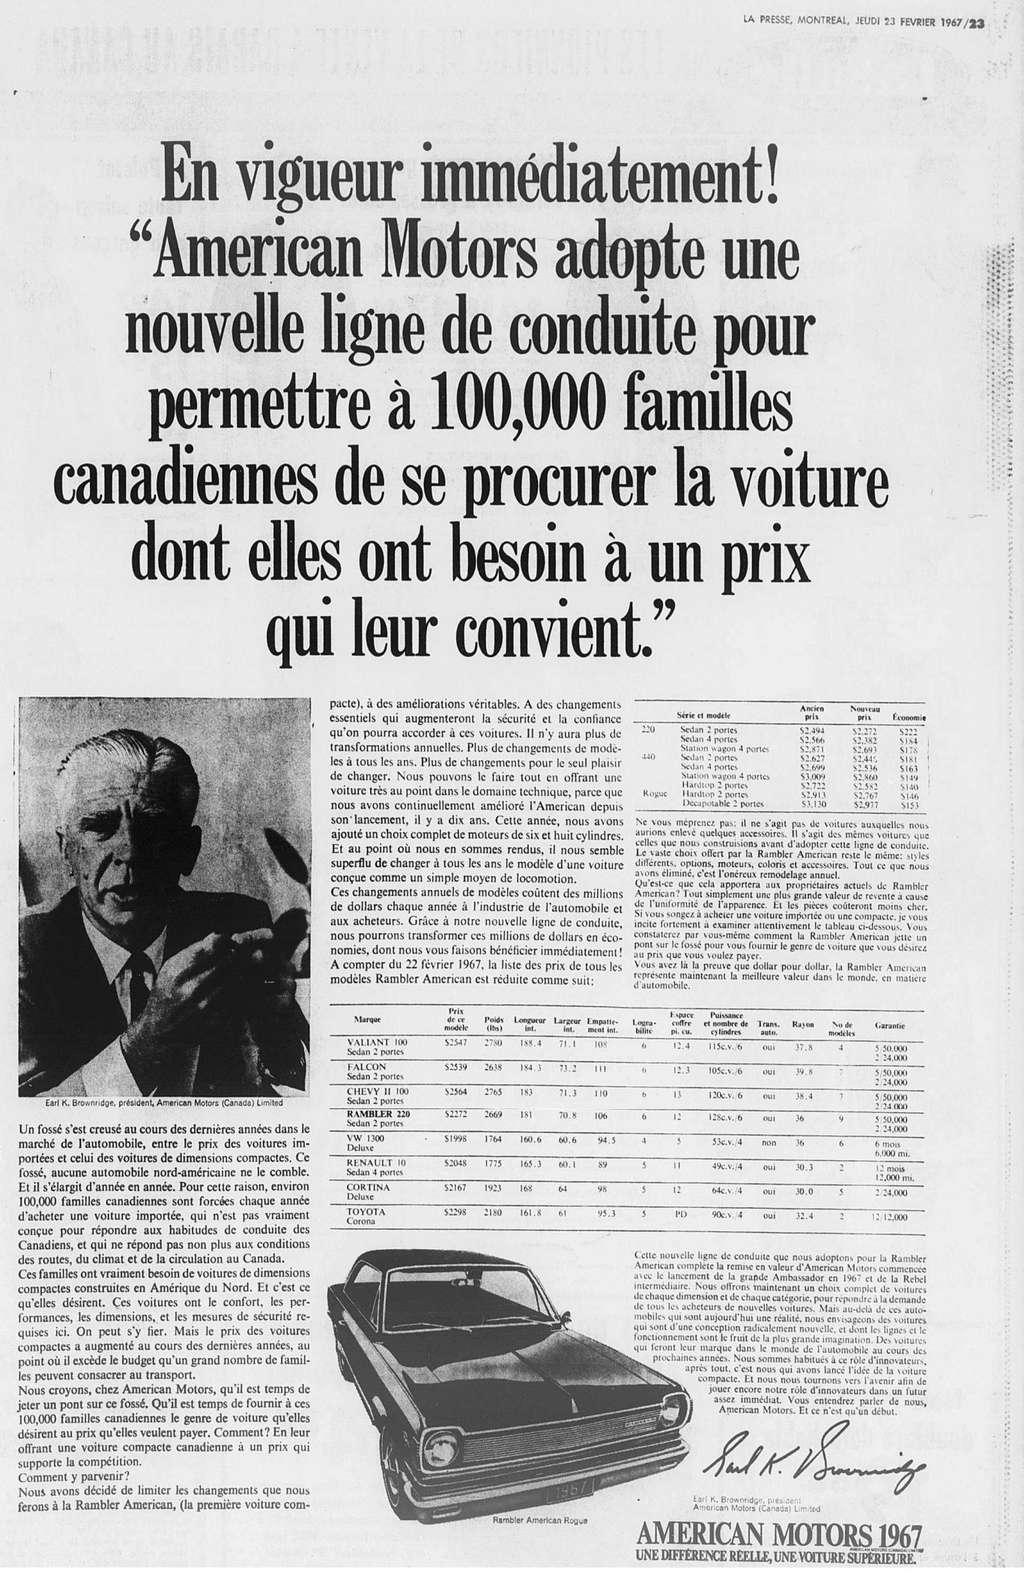 Vieilles publicités AMC au Québec - Page 2 1967_076